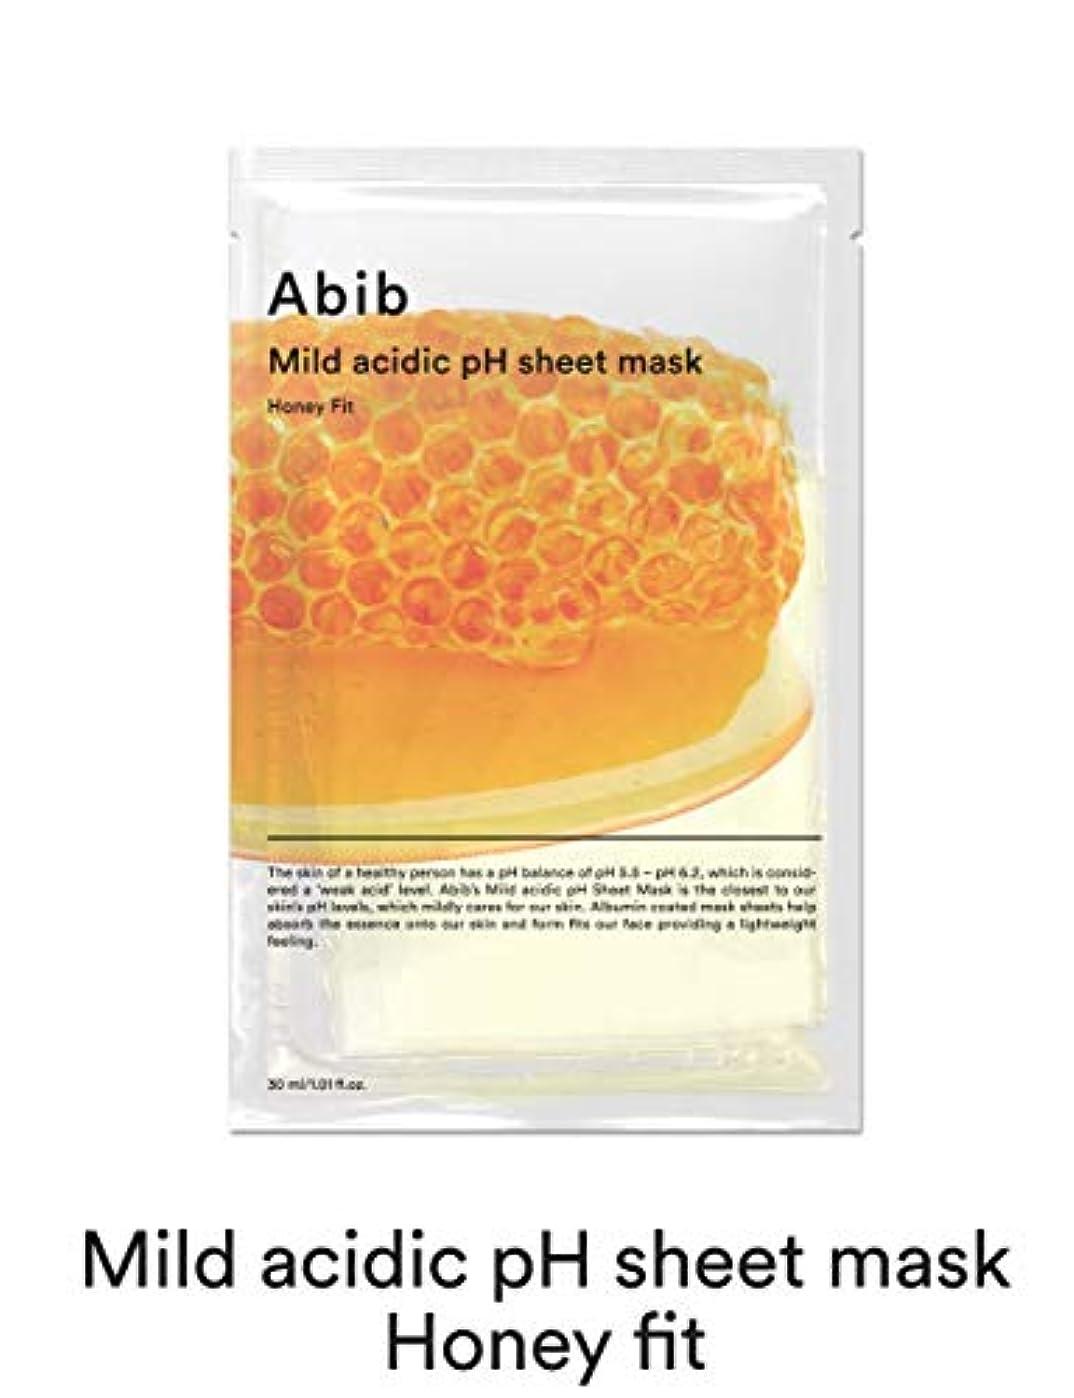 発掘行定説[Abib] アビブ弱酸性pHシートマスクハニーフィット 30mlx10枚 / ABIB MILD ACIDIC pH SHEET MASK HONEY FIT 30mlx10EA [並行輸入品]